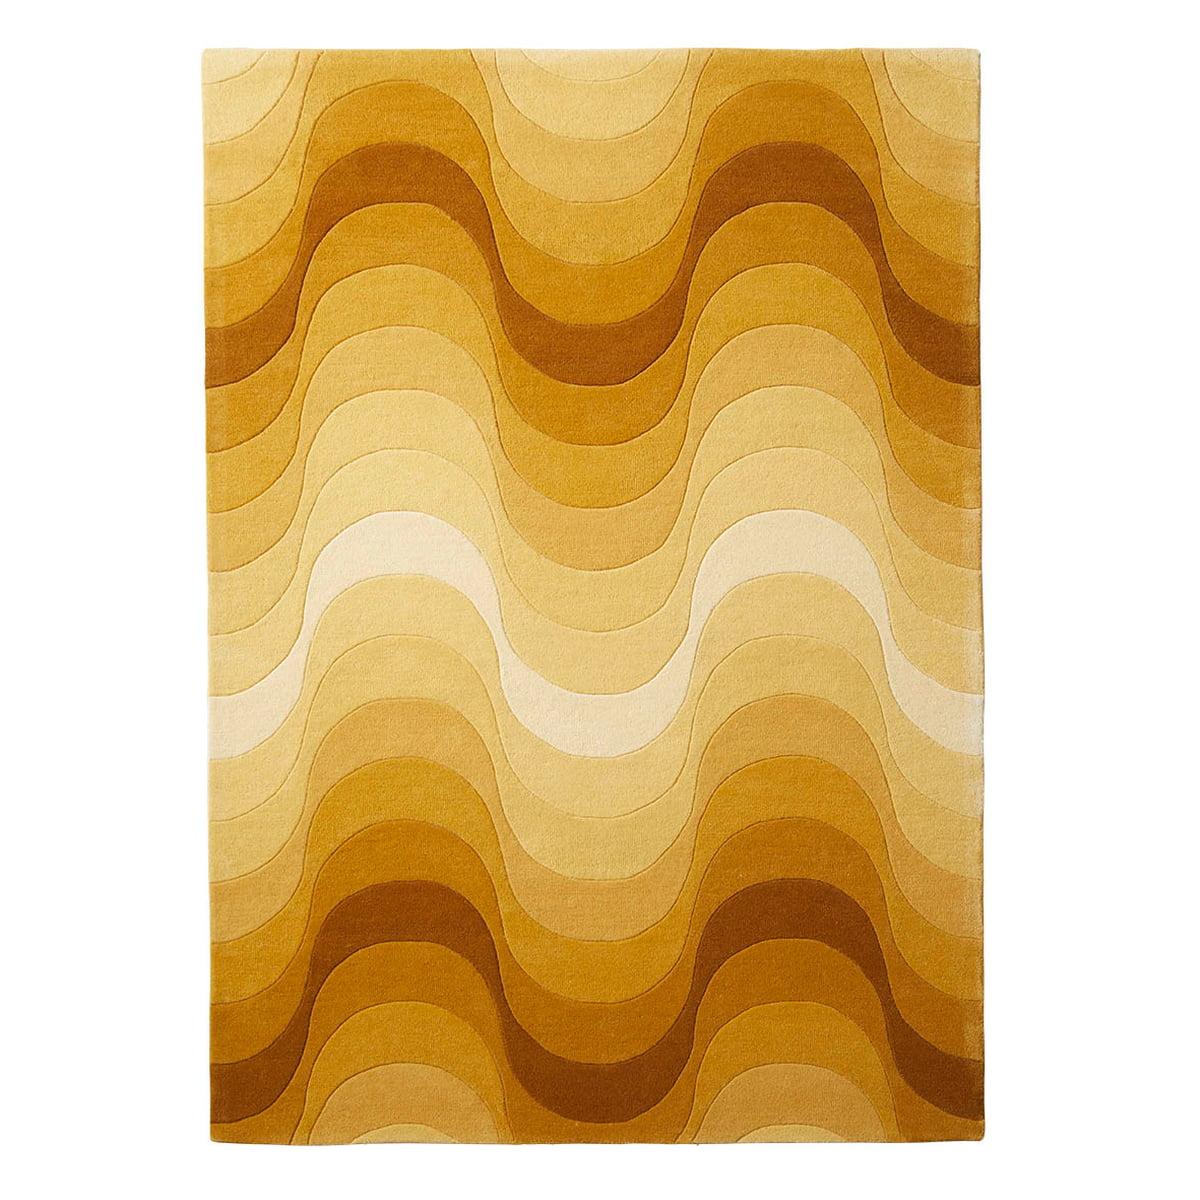 Verpan wave teppich 240 x 170 cm gelb frei